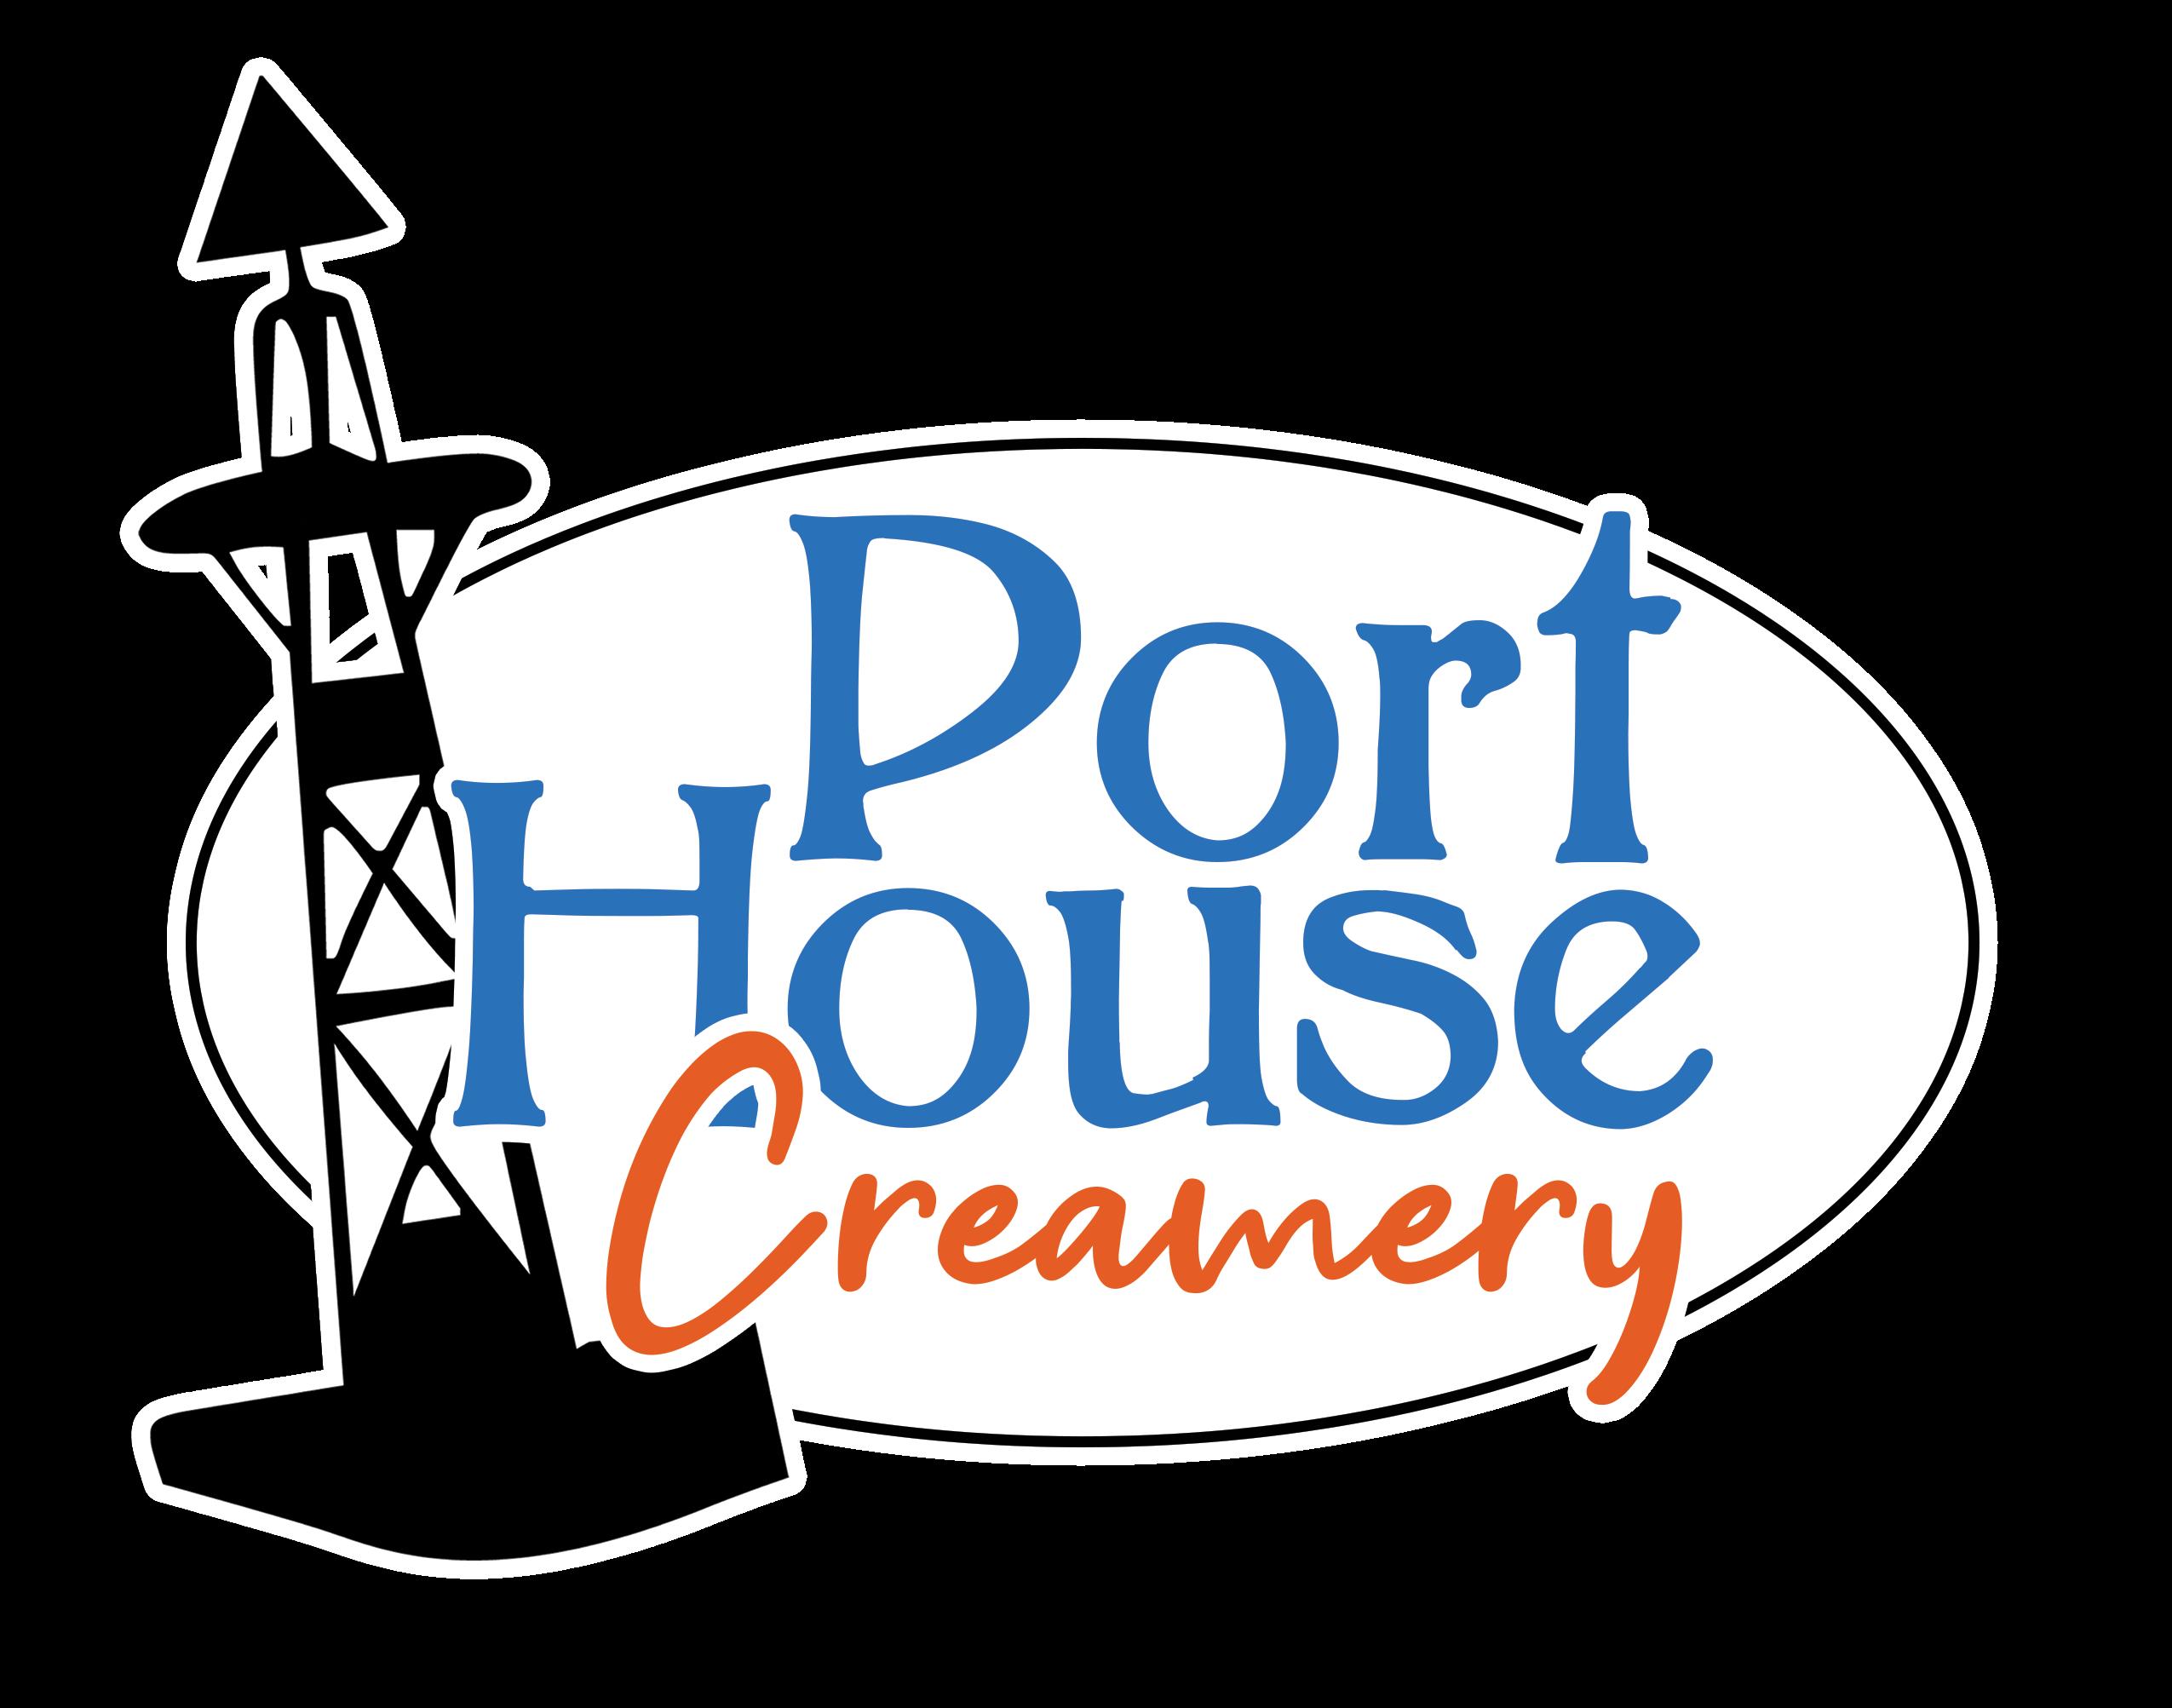 Port House Creamery